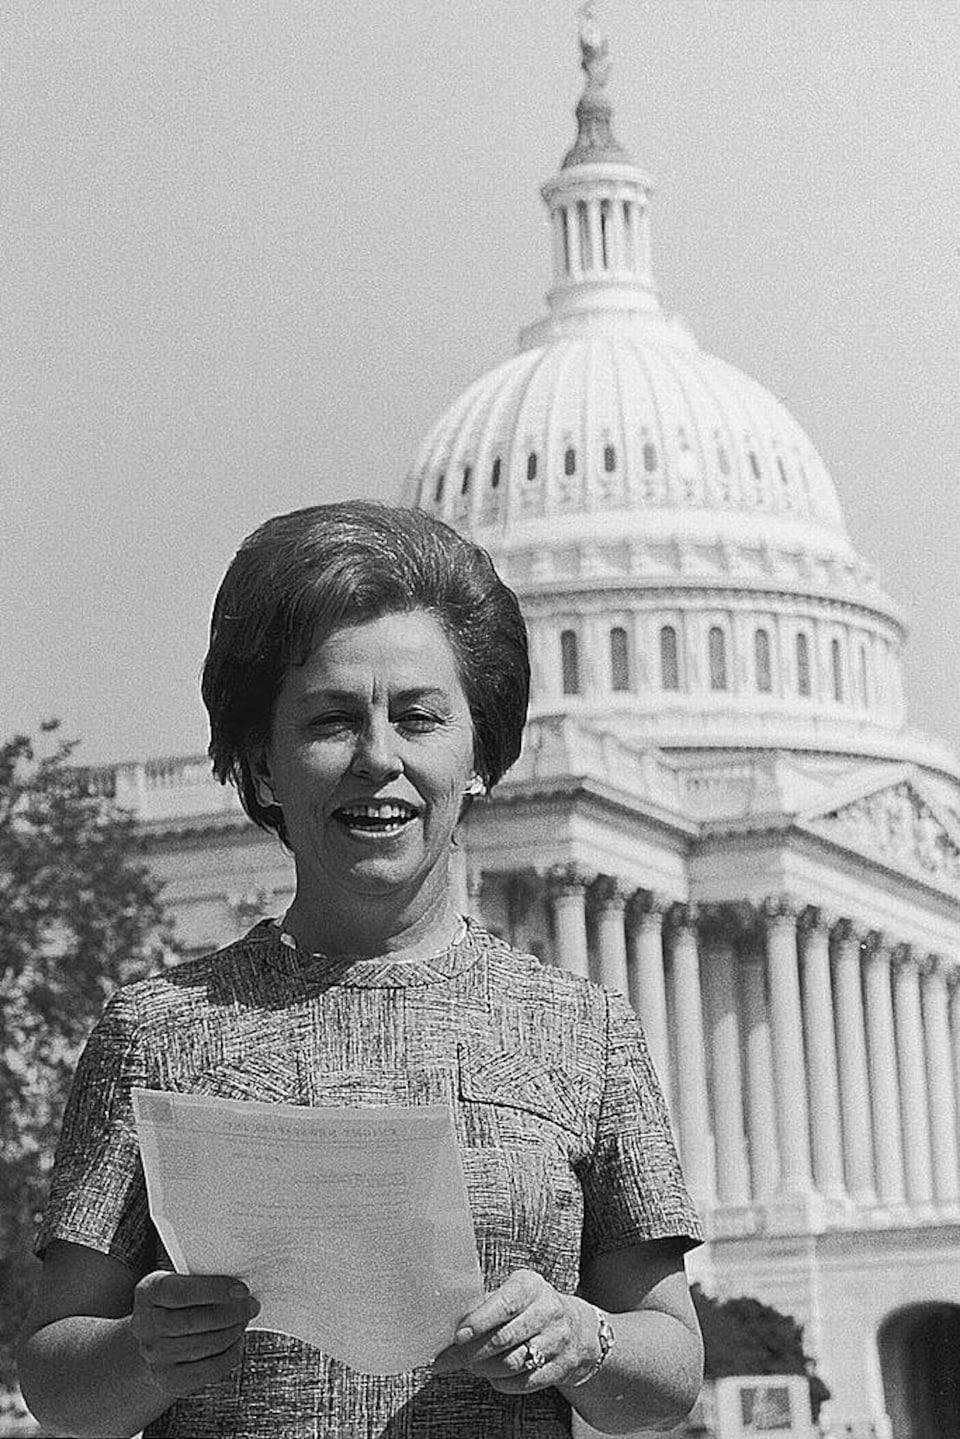 La représentante Martha Griffiths en 1970.